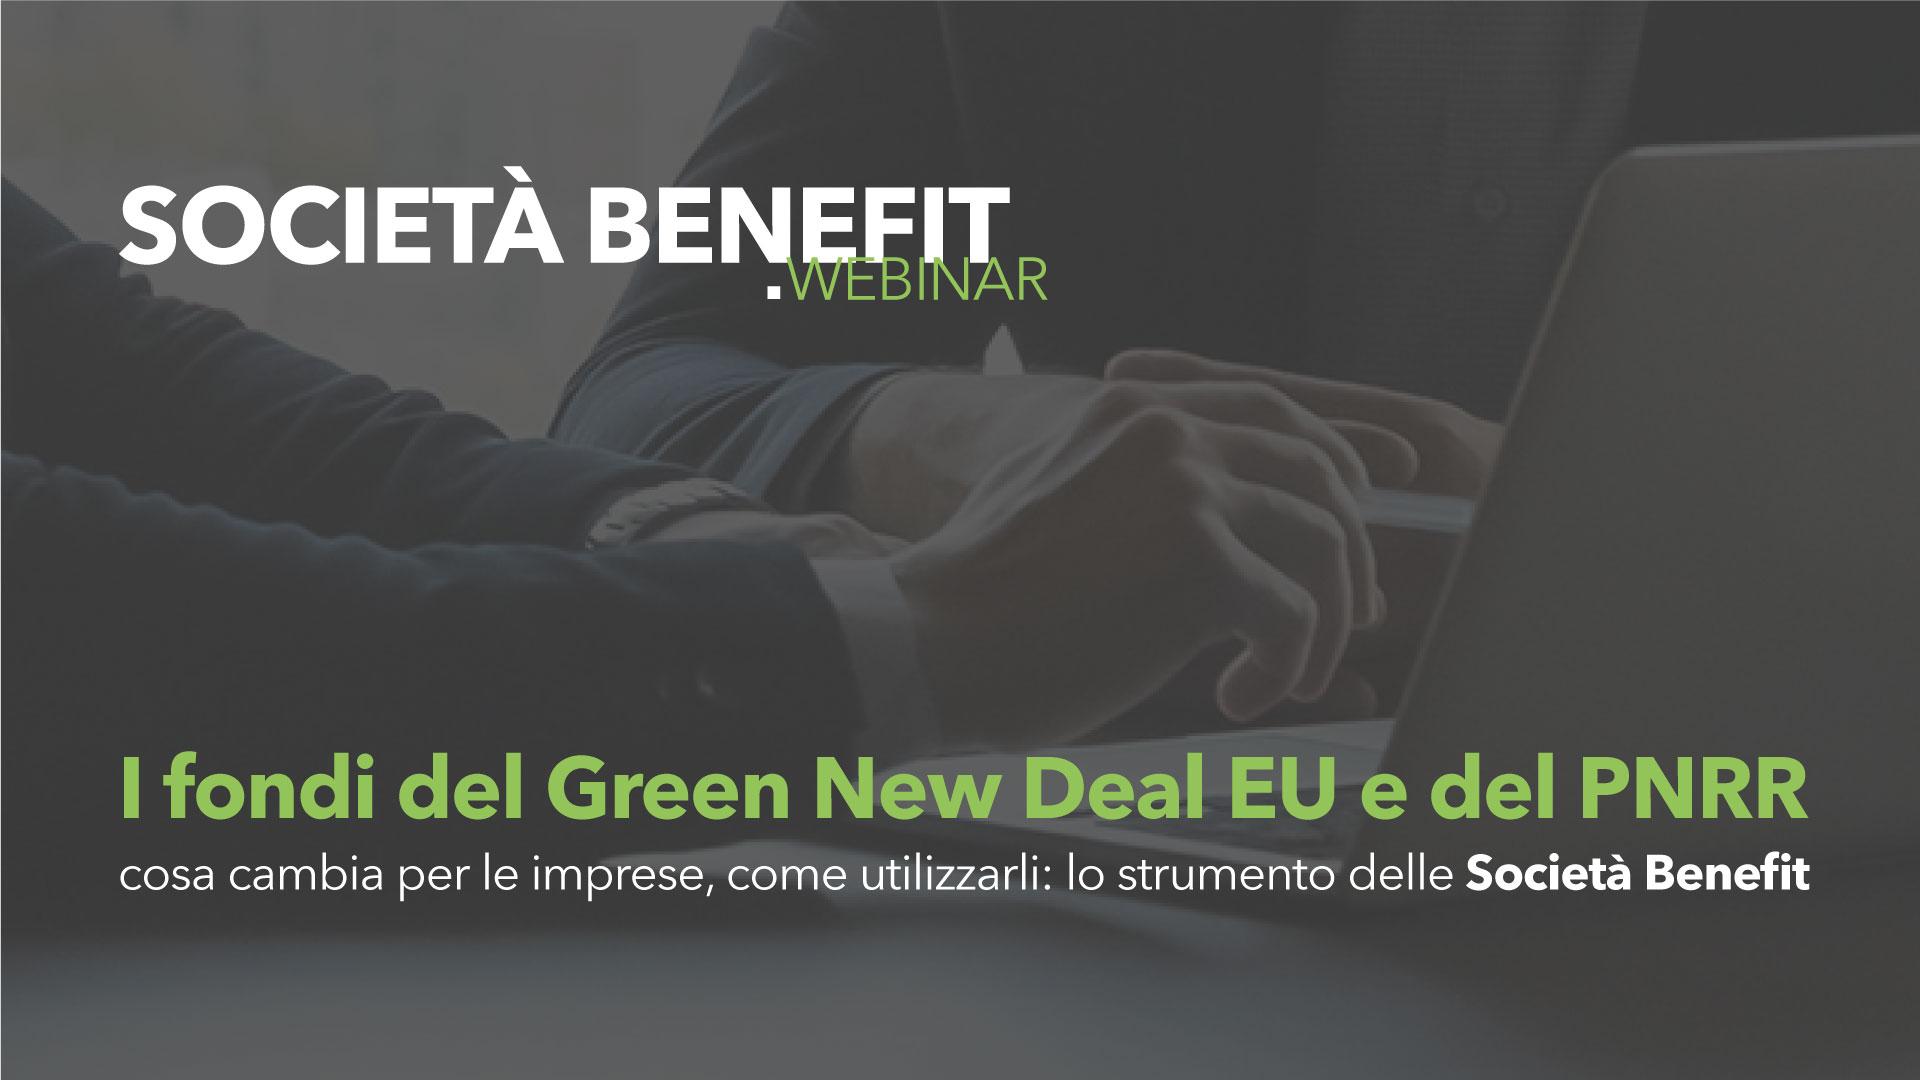 Società Benefit: opportunità di un nuovo rinascimento con al centro persone e ambiente